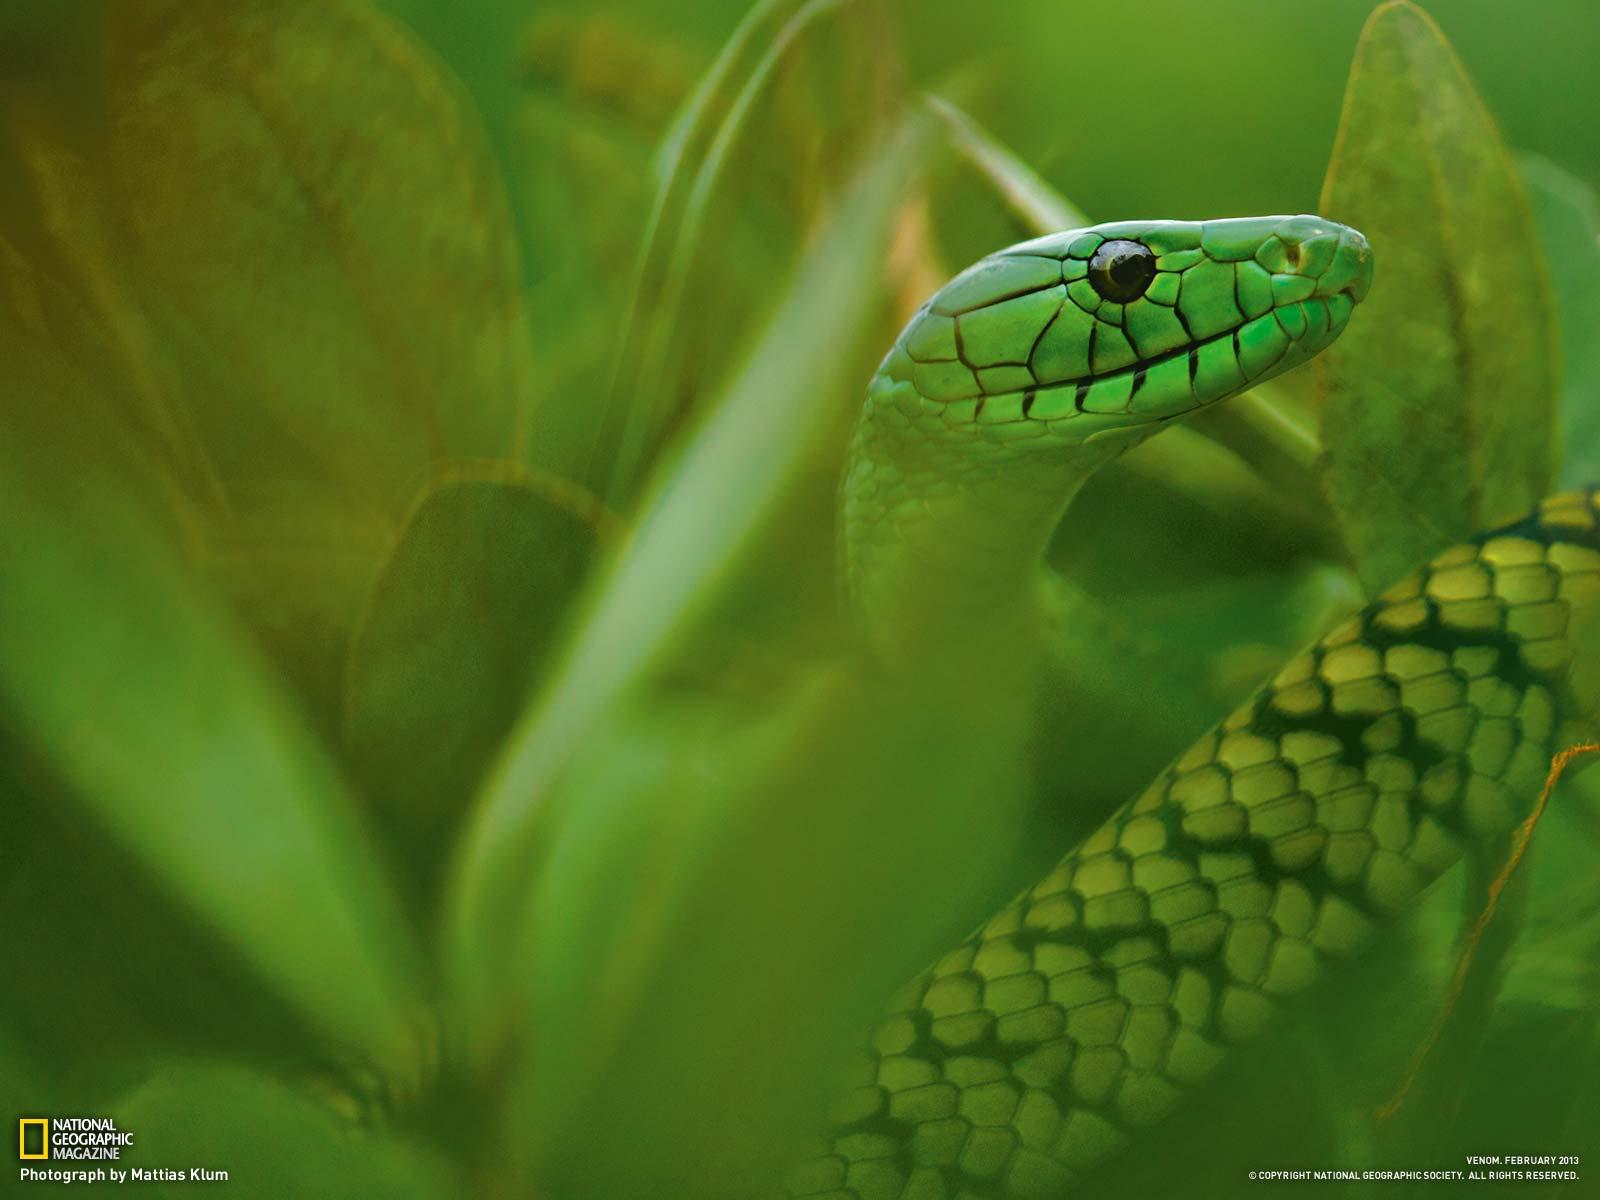 唯美 喀麦隆/喀麦隆一条简氏曼巴蛇